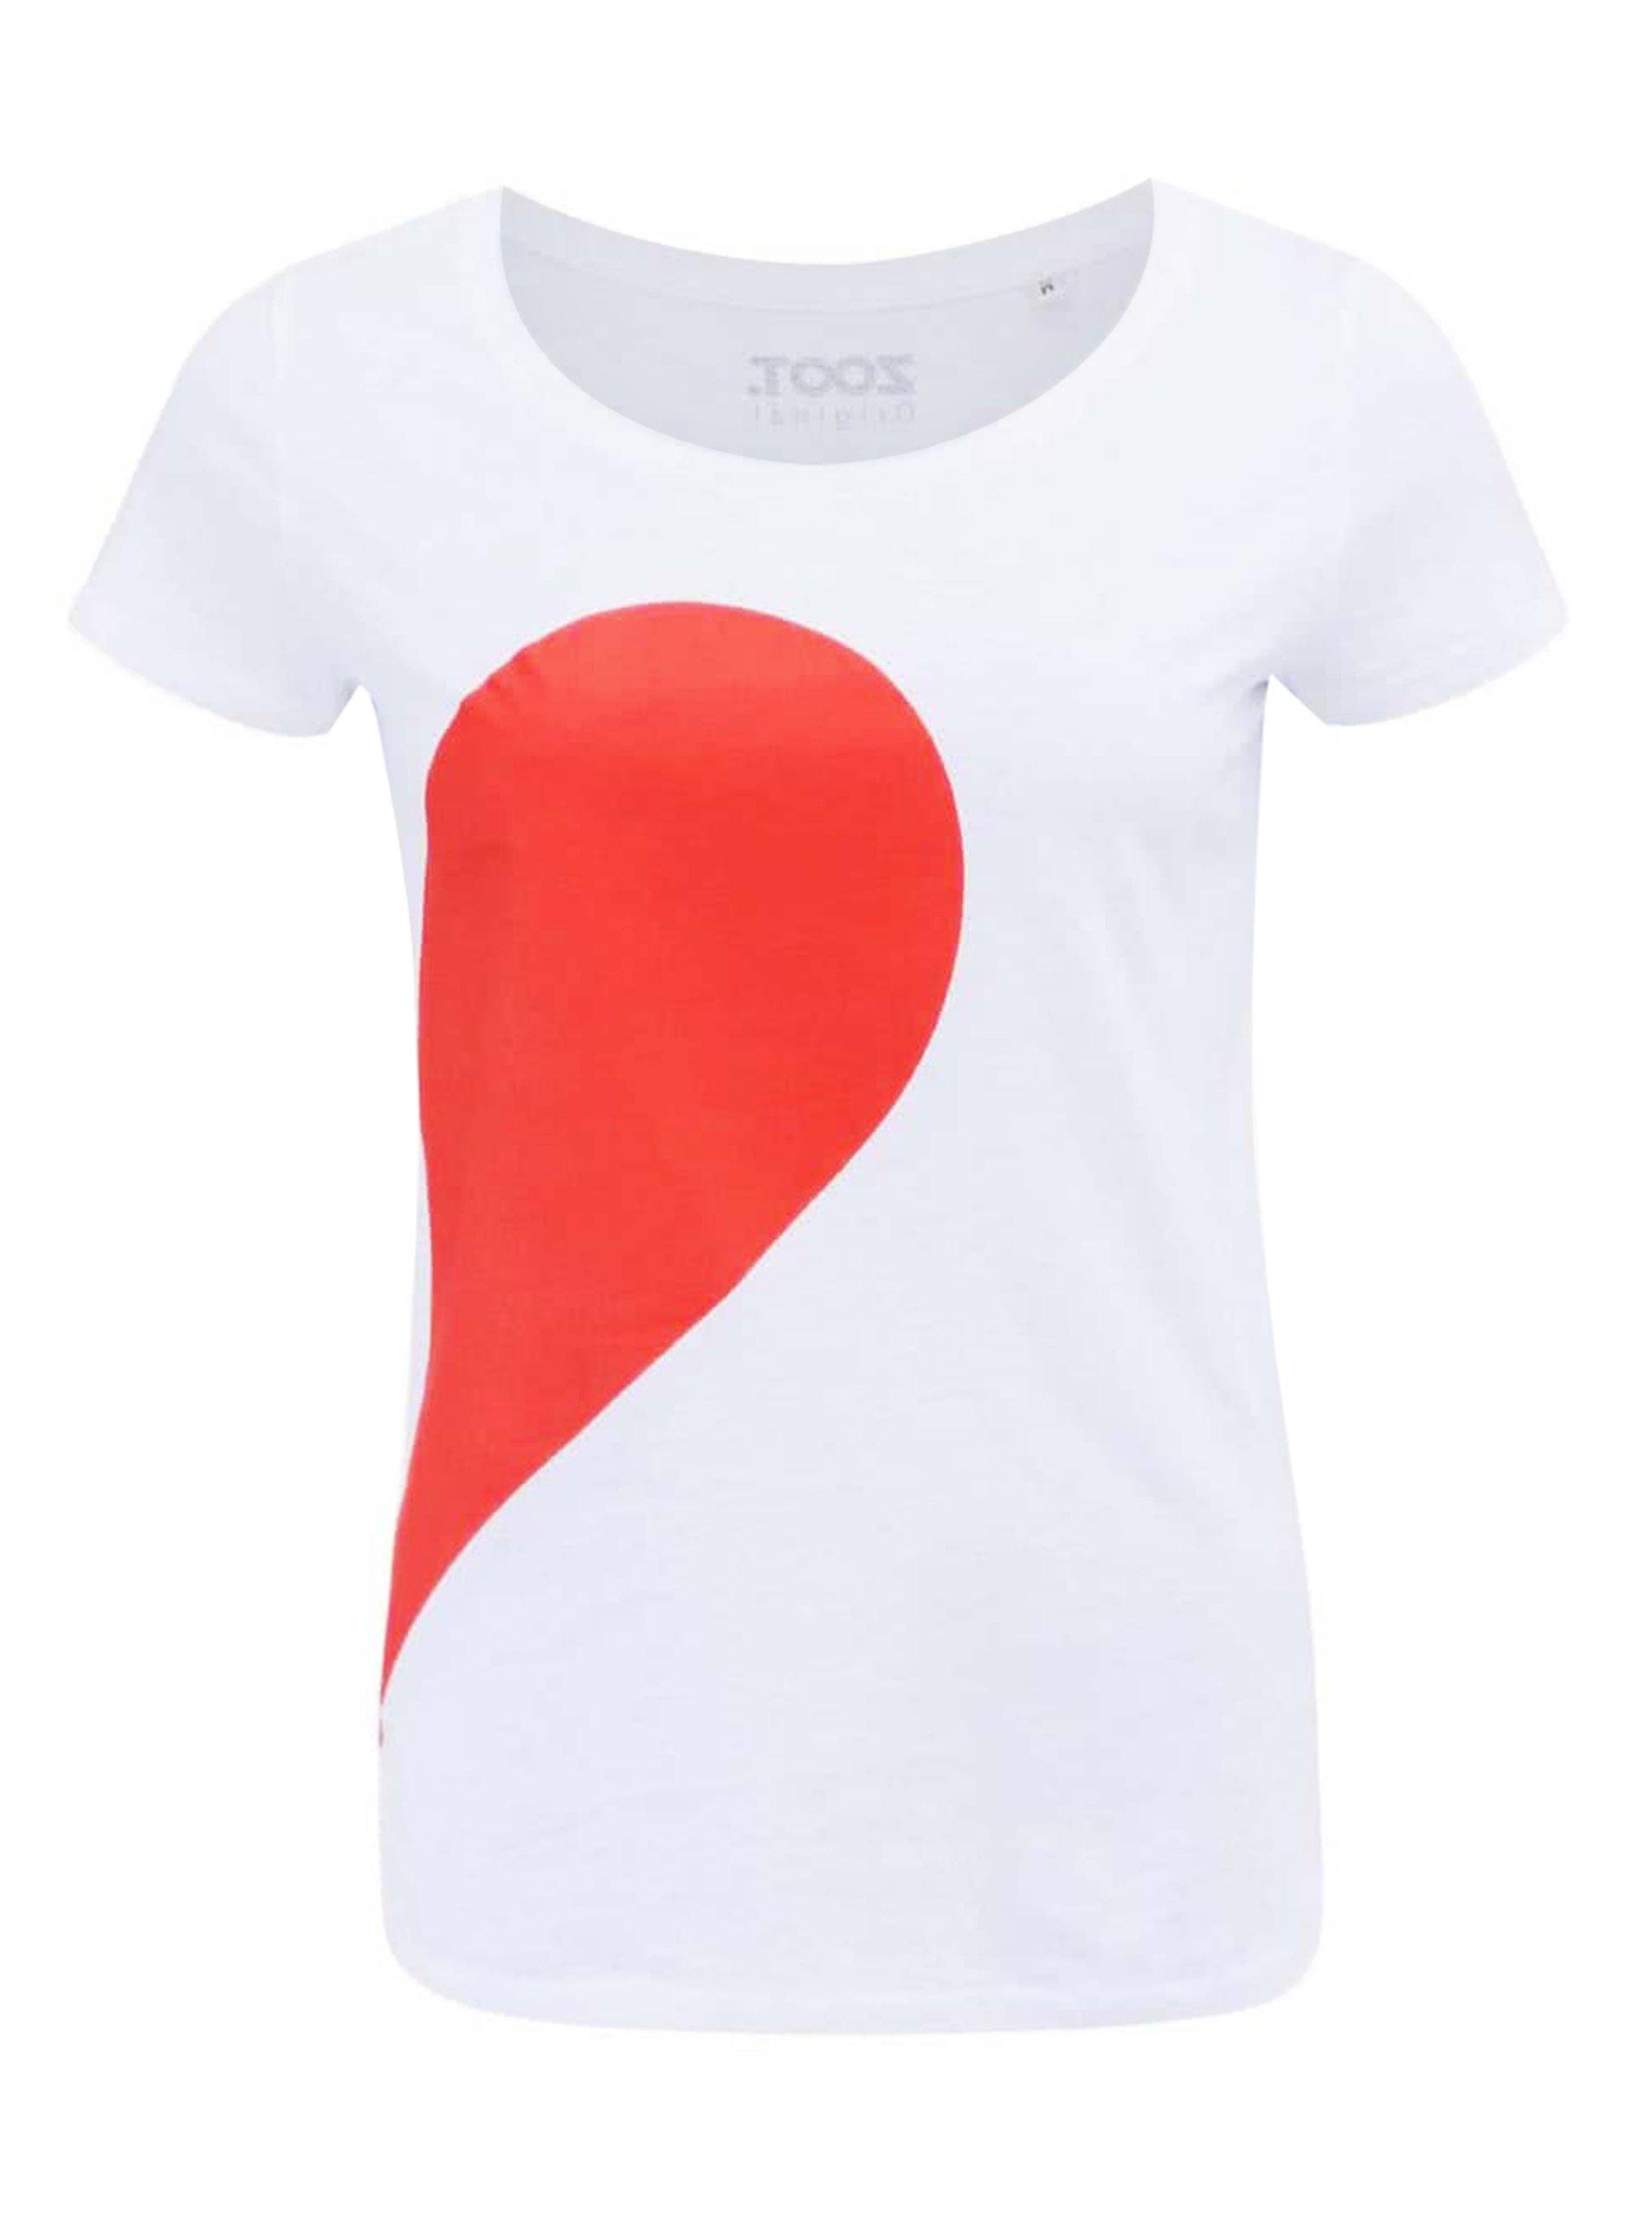 Fotografie Bílé dámské tričko ZOOT Originál Její strana srdce